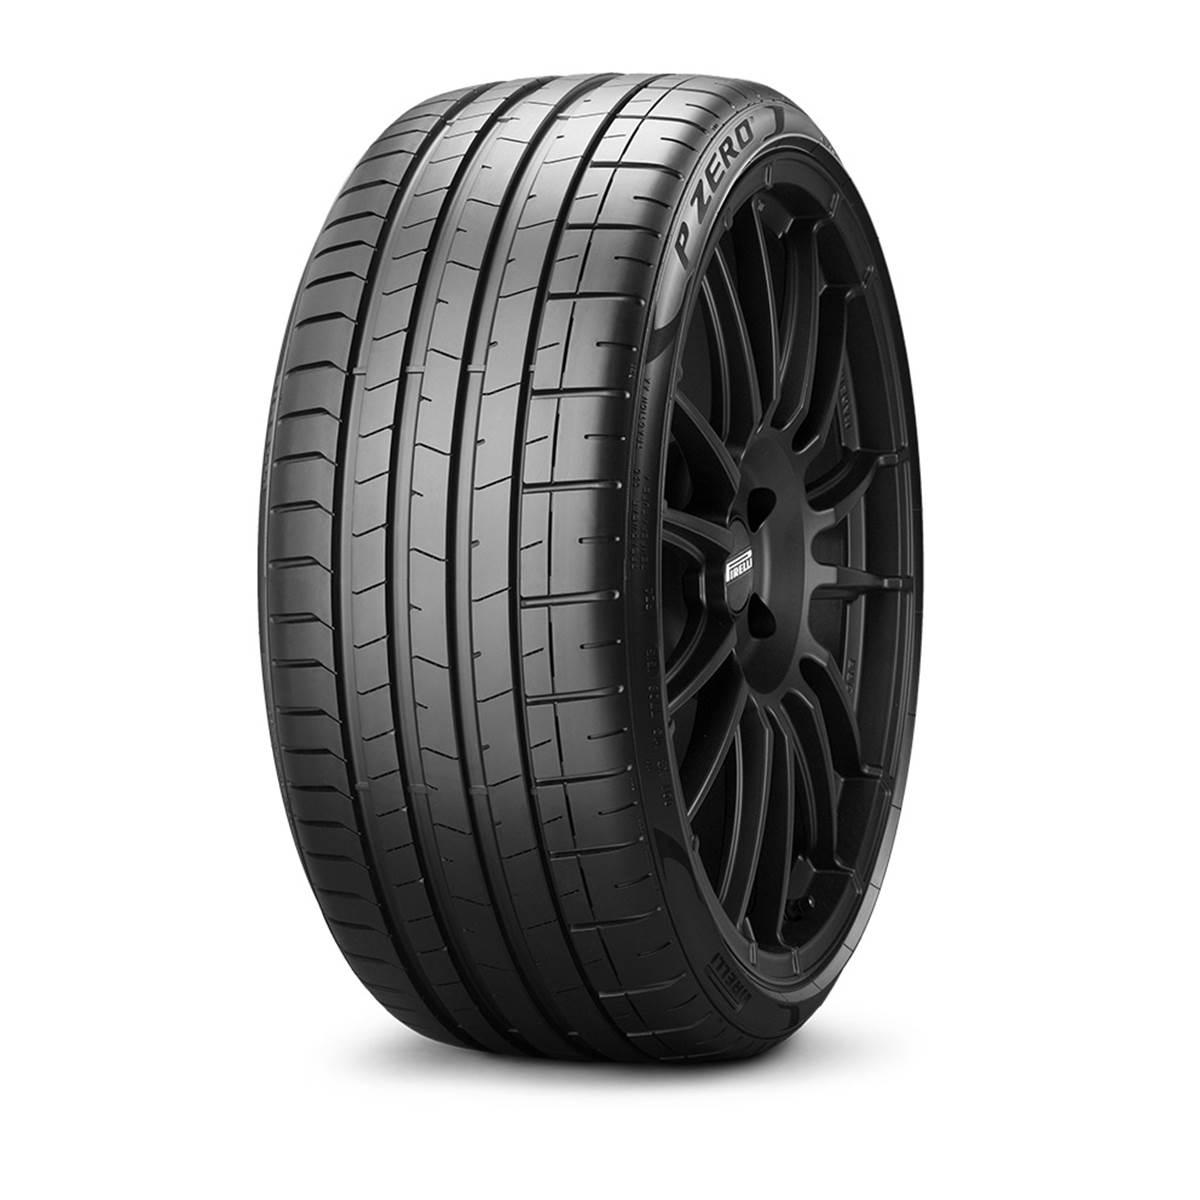 Pneu 4X4 Pirelli 285/45R21 113Y Pzero XL